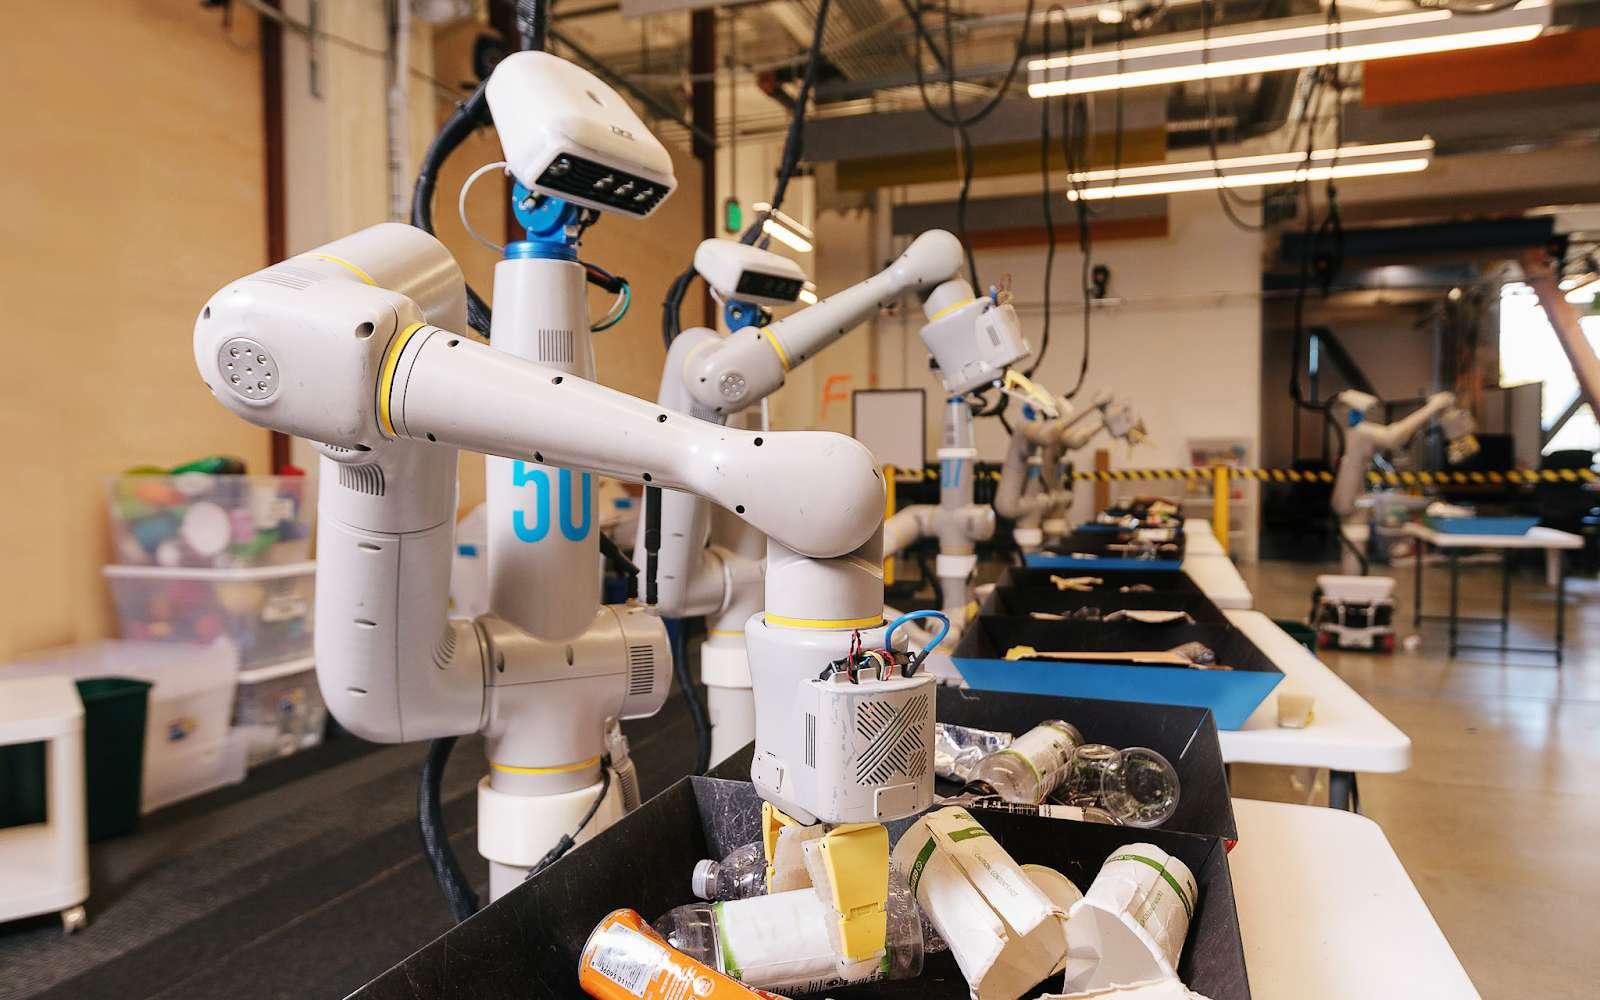 Quand l'Homme trie les déchets, il y a 20 % d'erreur. Avec un robot, ça tombe à 5 %. © X